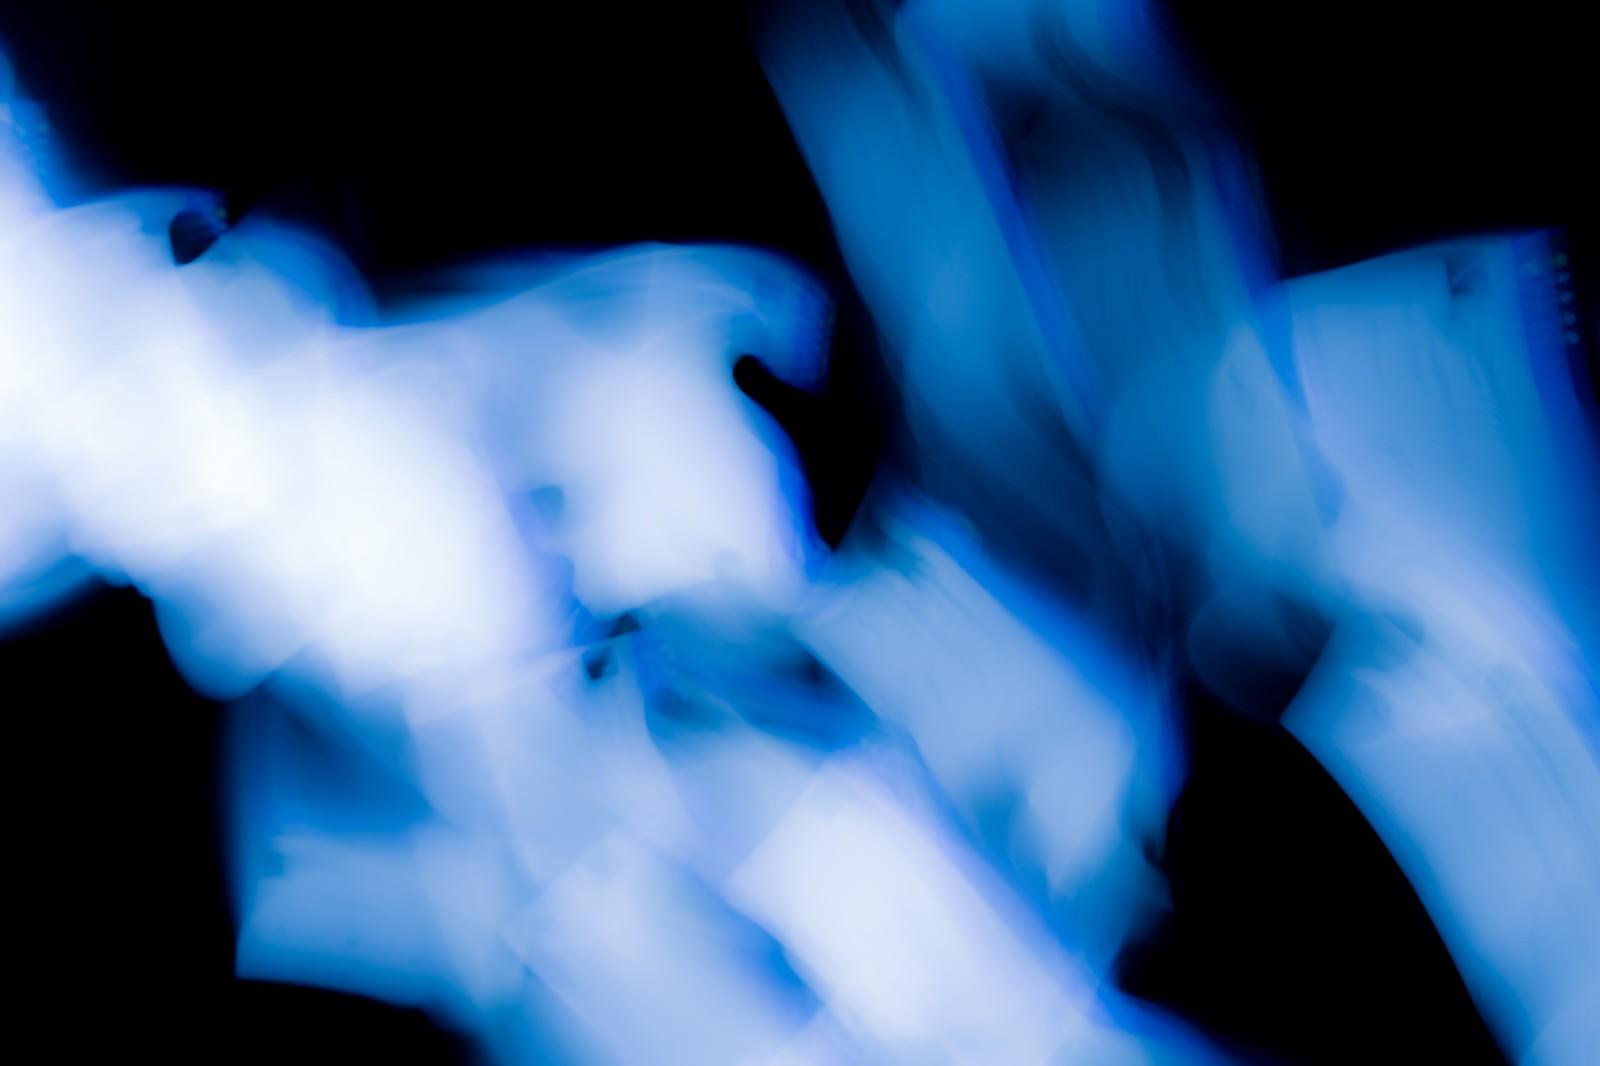 「繋がる四角い光」の写真